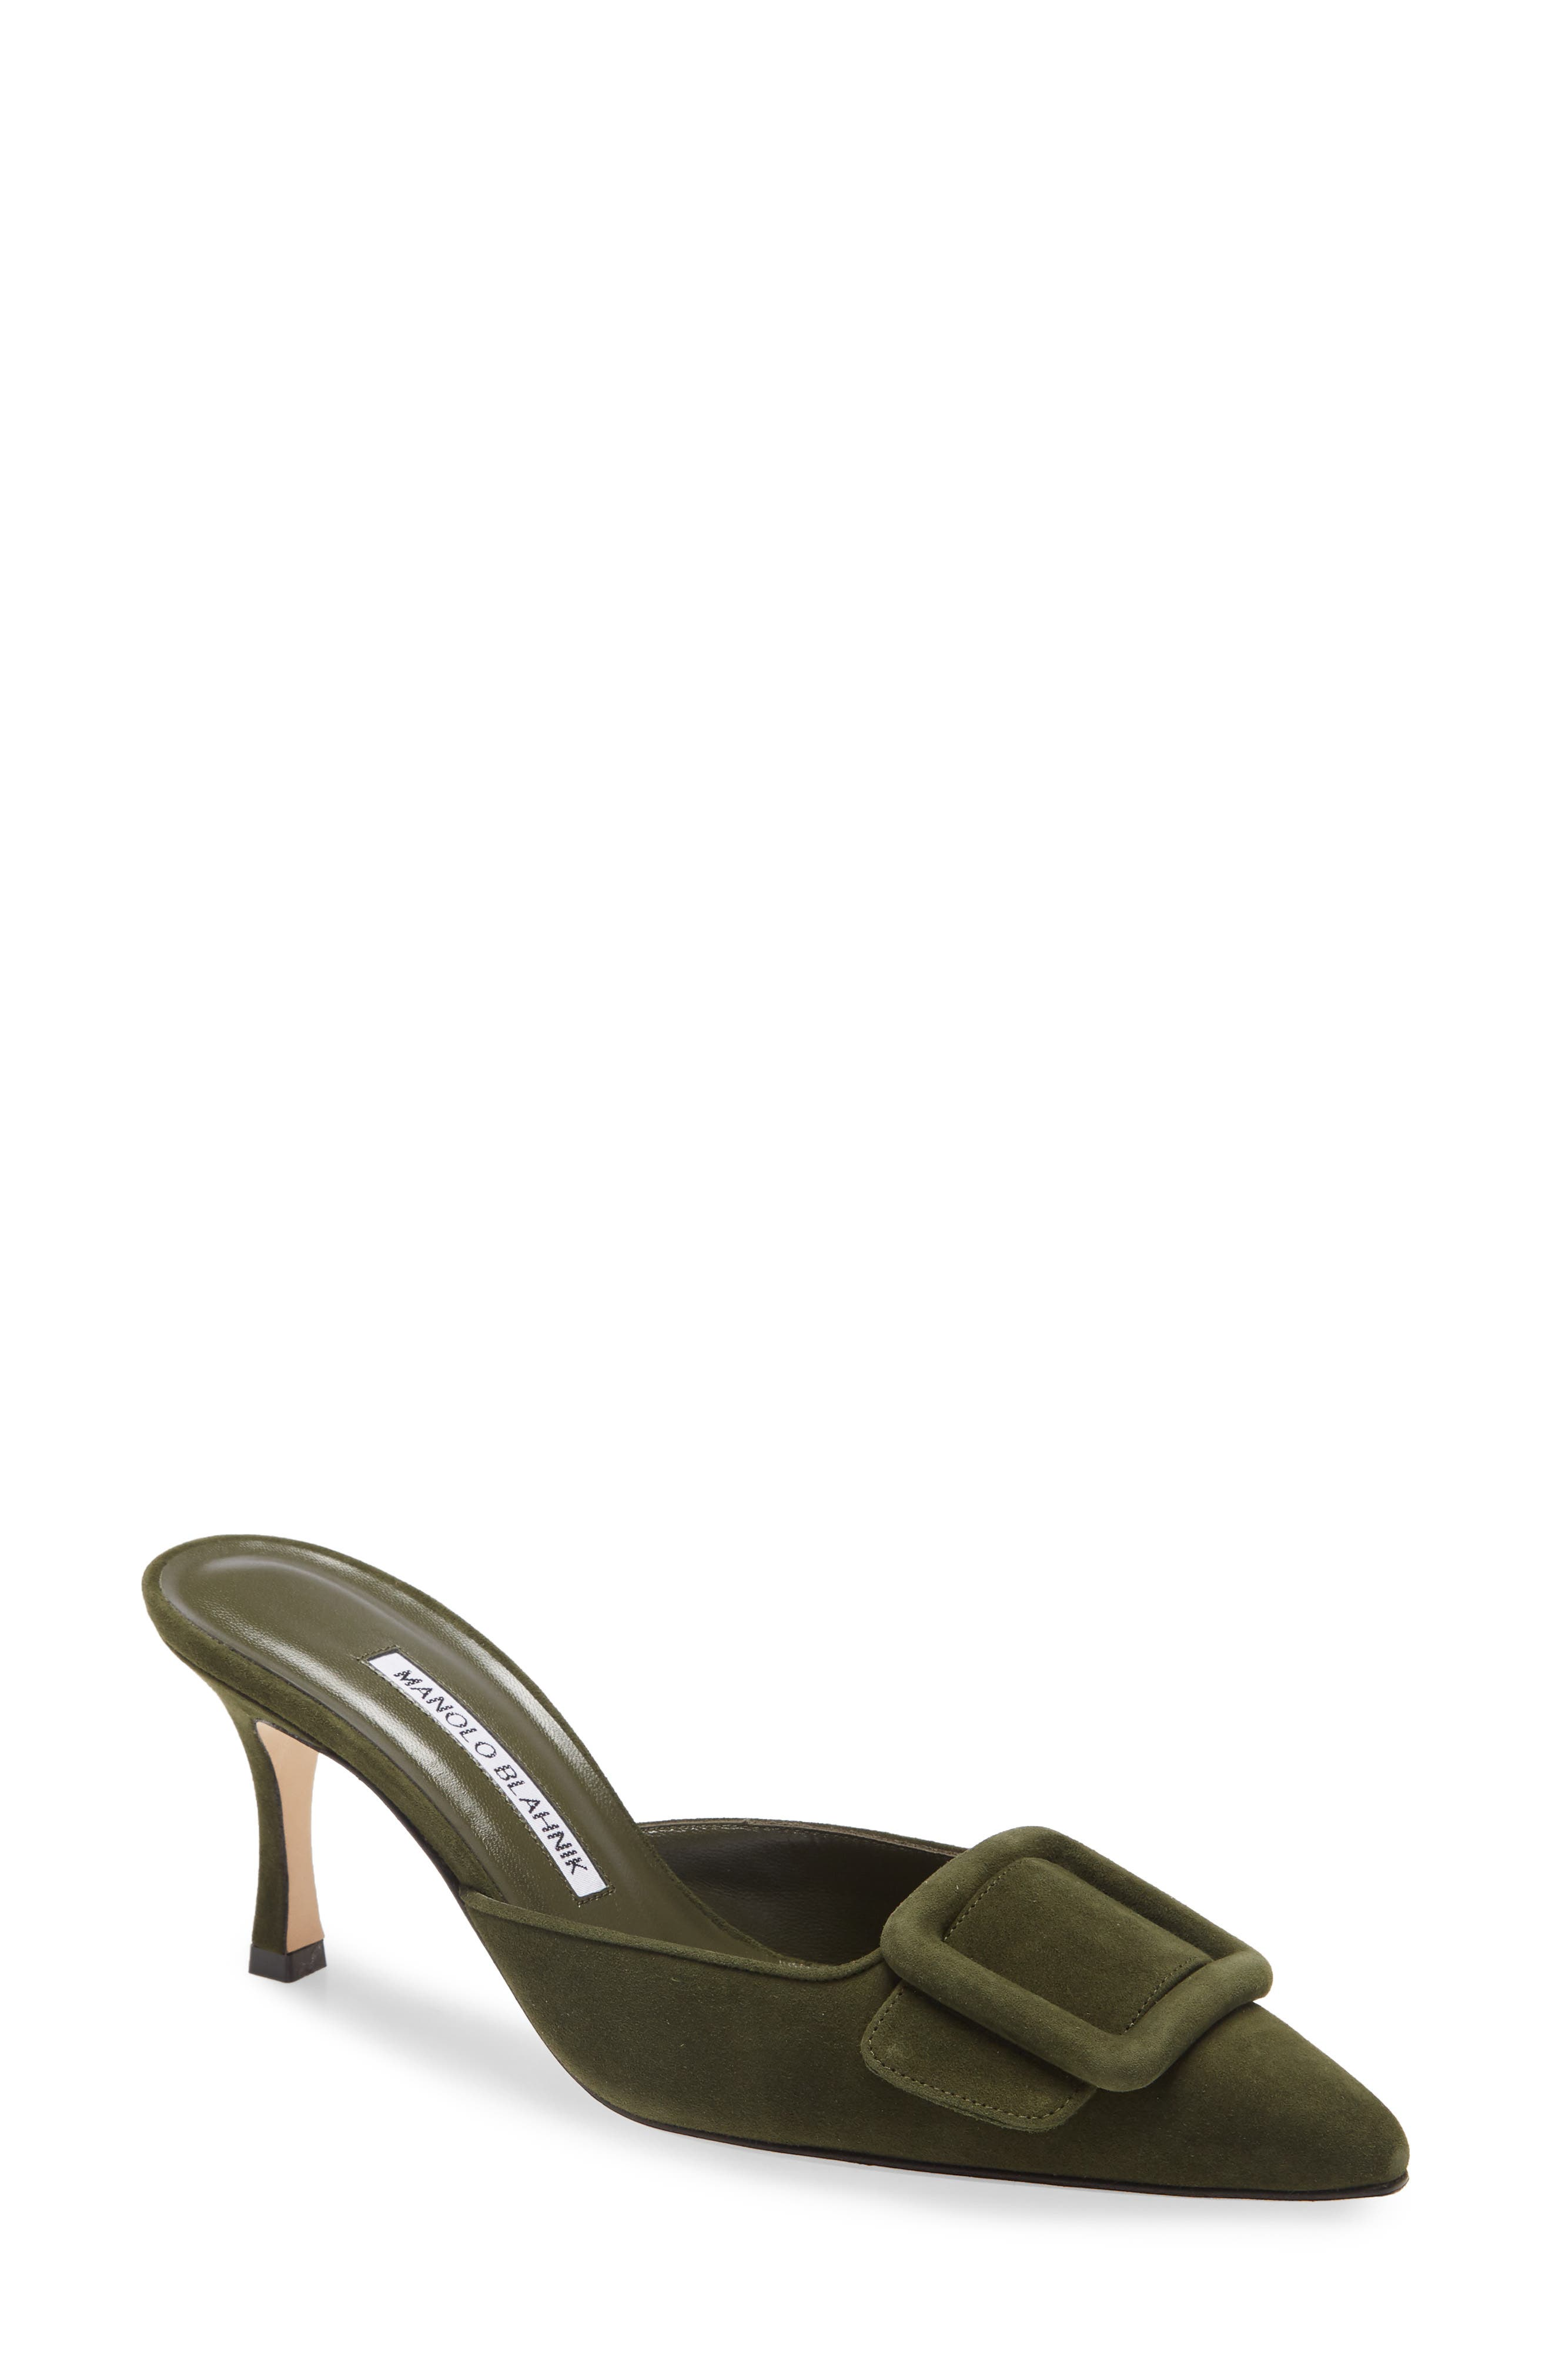 Green Designer Sandals for Women